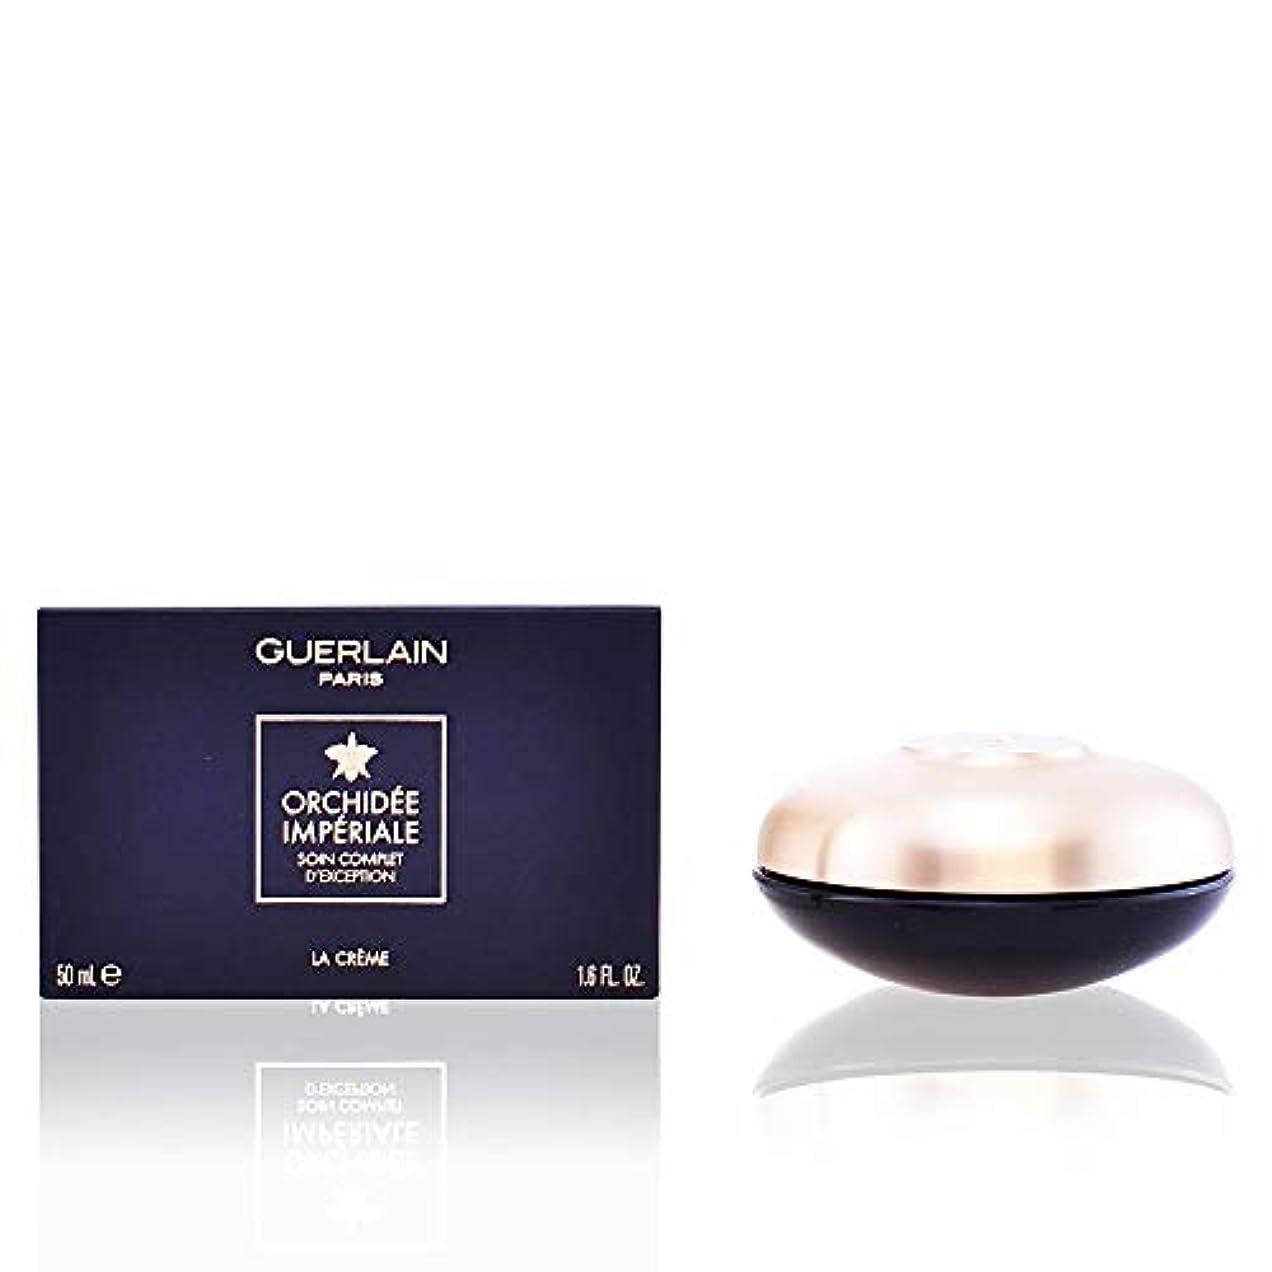 ワイプ嫌い気分が良いゲラン オーキデアンペリアルザクリーム 50ml/1.6oz